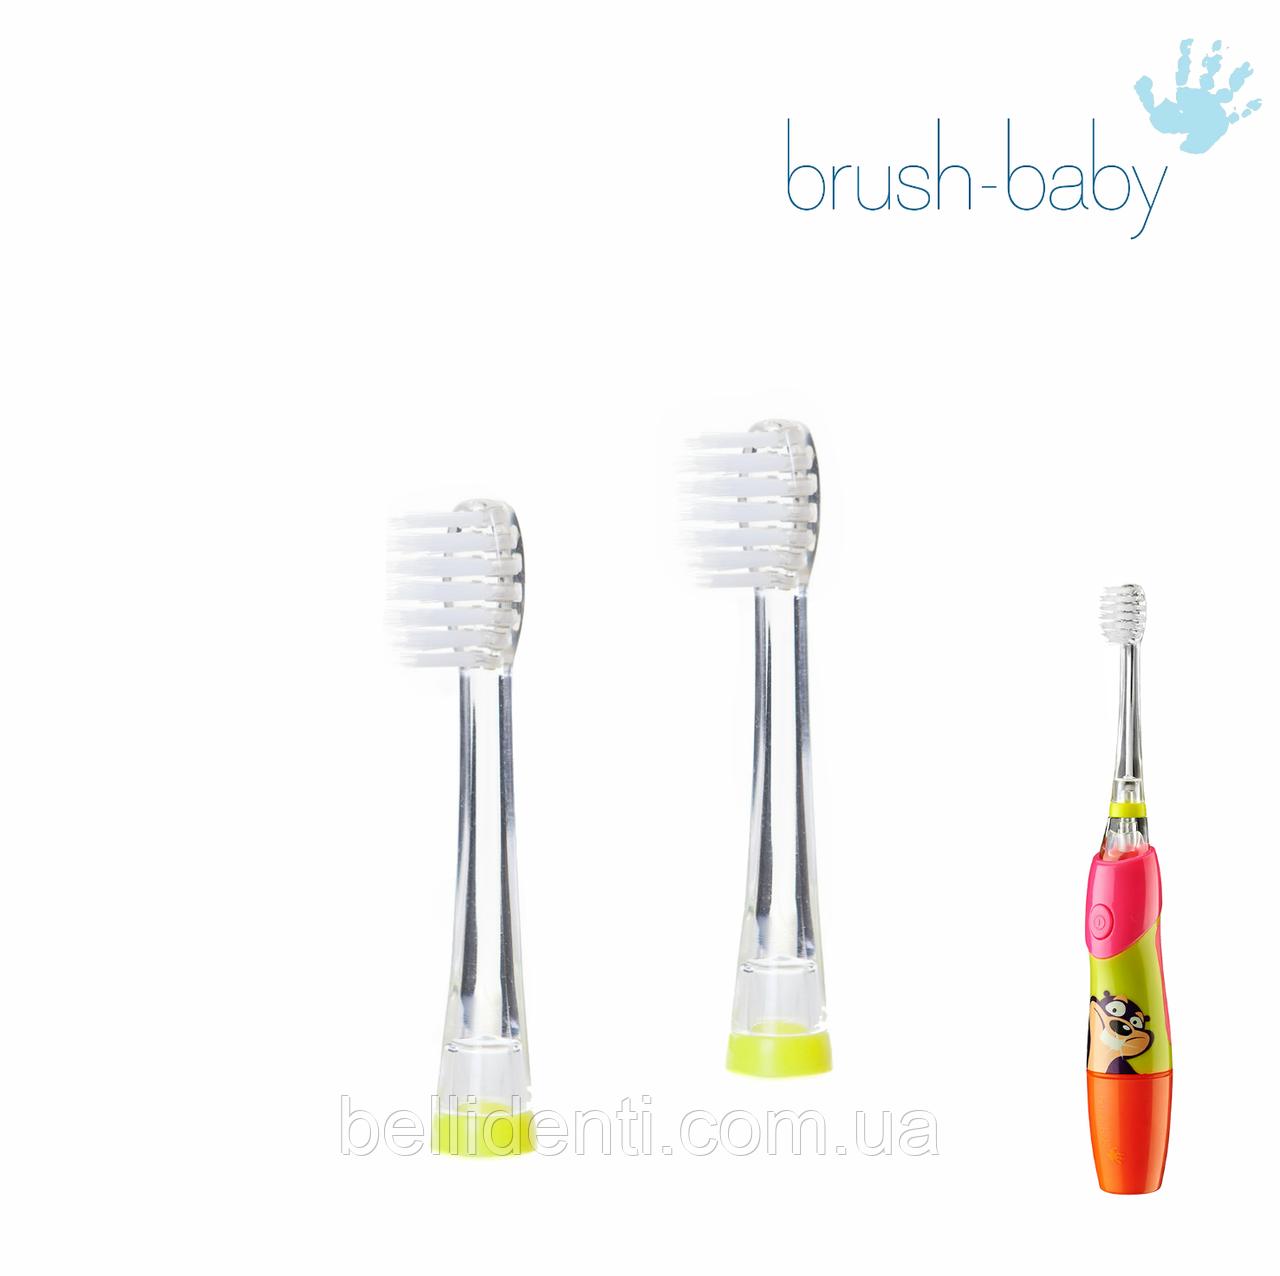 Сменные насадки для зубной щетки KidzSonic (3-6 лет), 2 шт